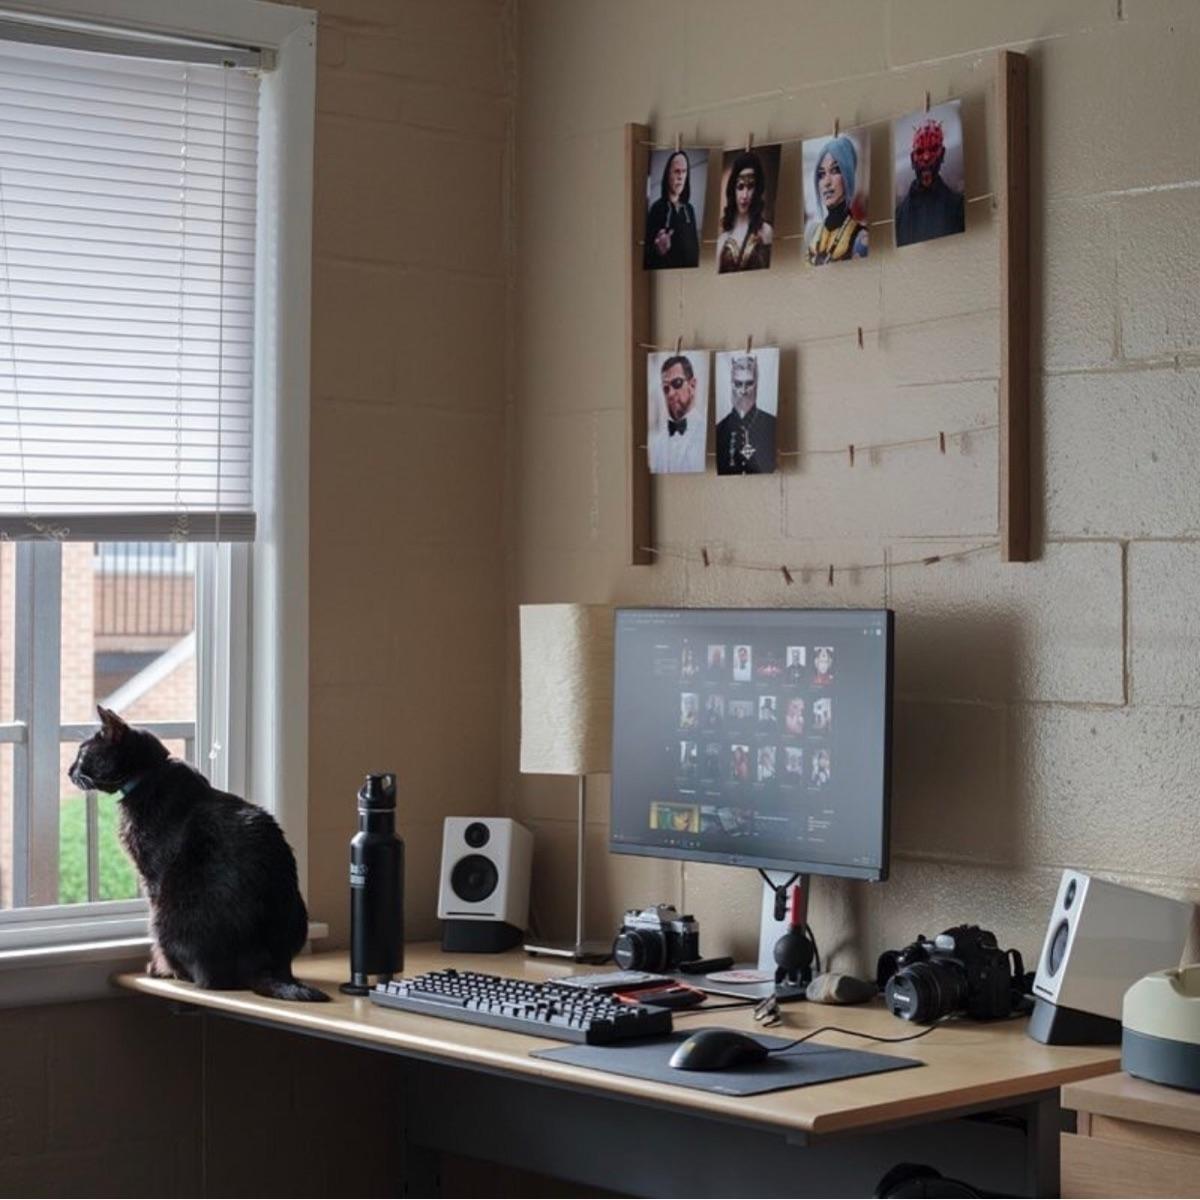 Setup, pc, mac, desk, cat, black - edwincanales | ello